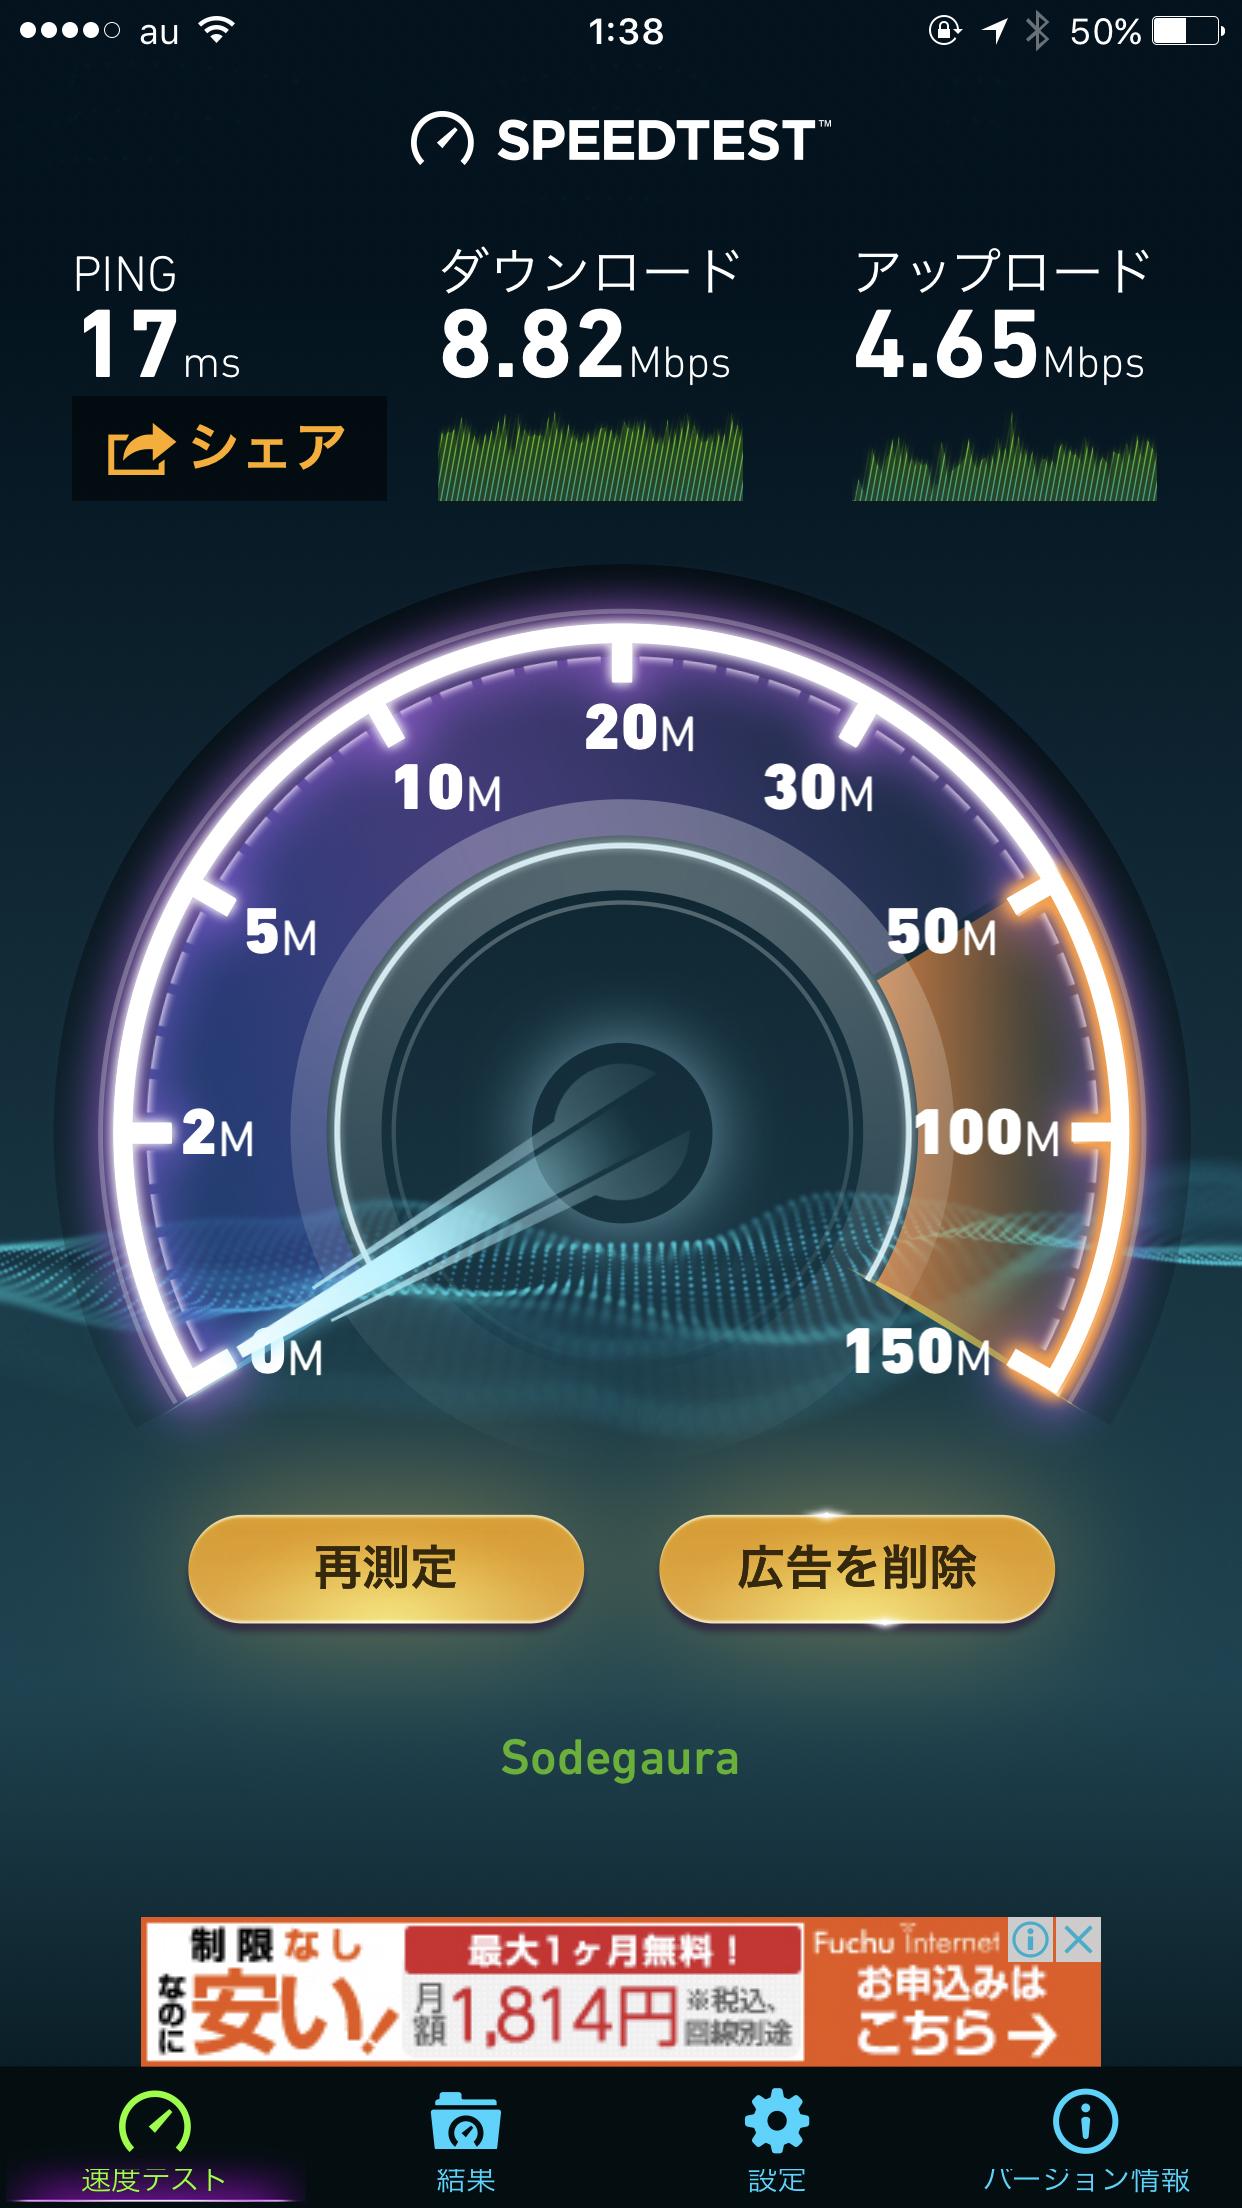 館内にはWi-Fiが用意されている。深夜1時台でのスピードテストになるが、速度は良好。ピーク時には速度低下が起きるだろうが、3キャリアの電波の入りも問題なく、ネットワークの確保は楽なほうだ